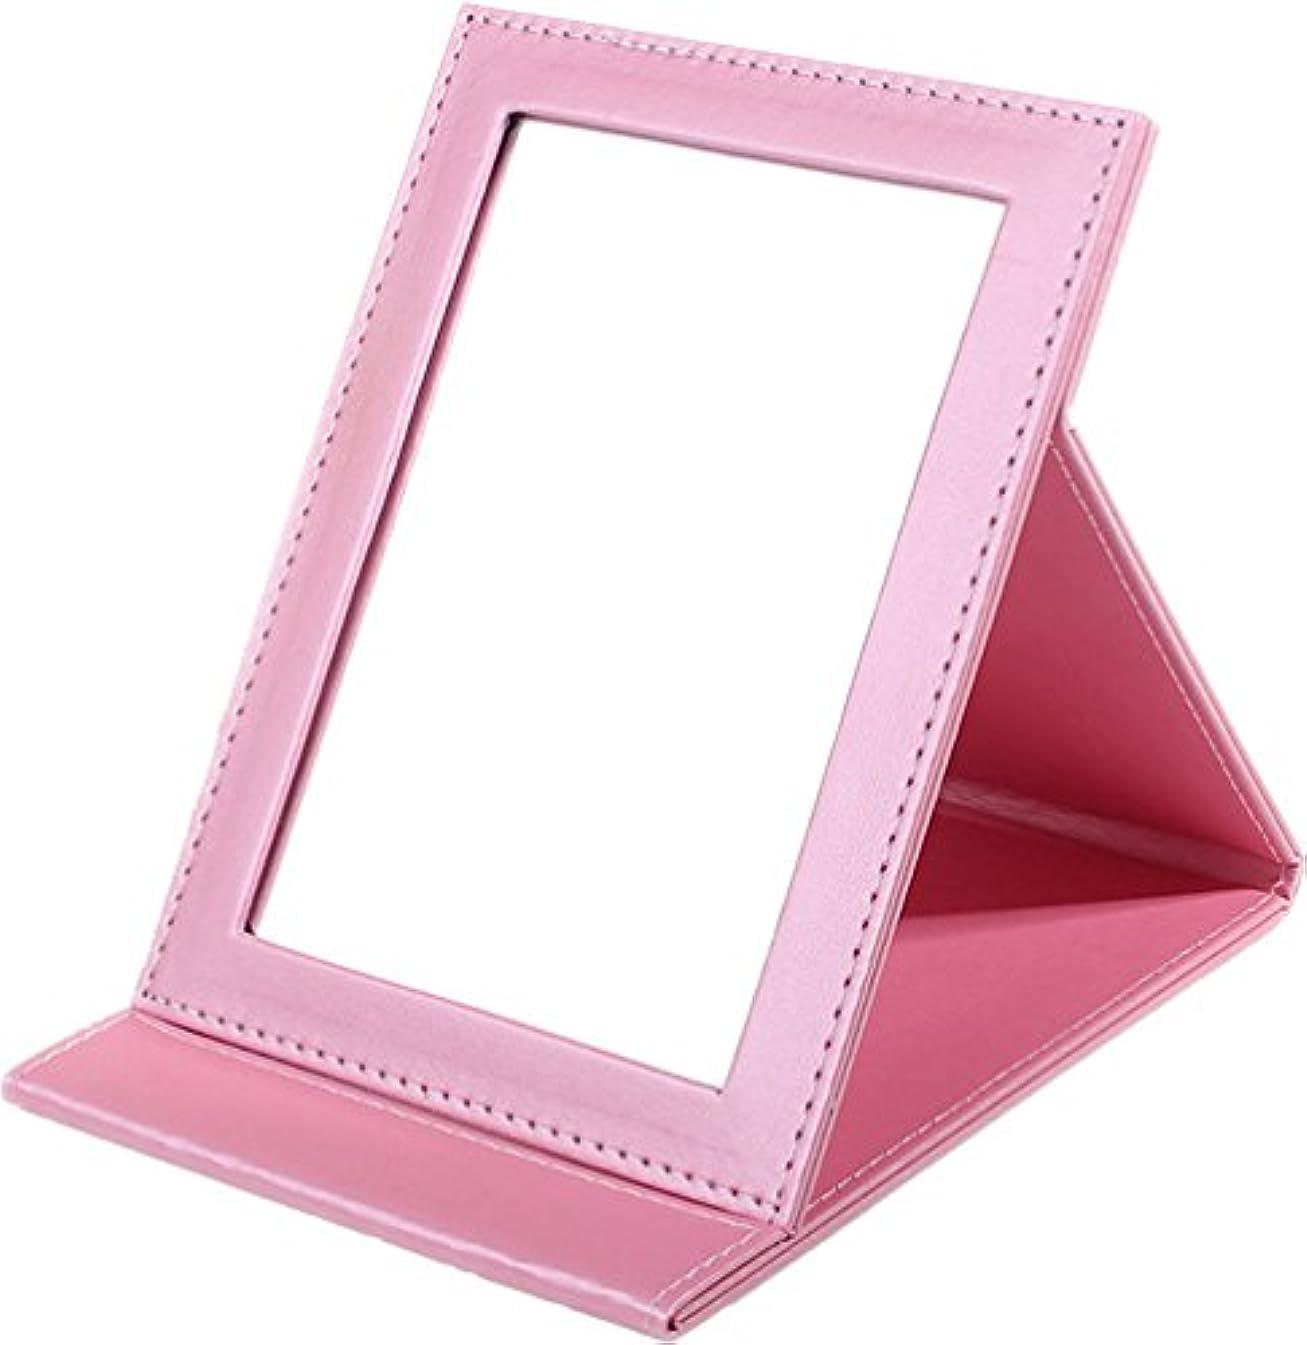 遊具ゲートパン屋Sunset House 折りたたみミラー レザー 鏡 ピンク 小 中 大 3サイズ (M)